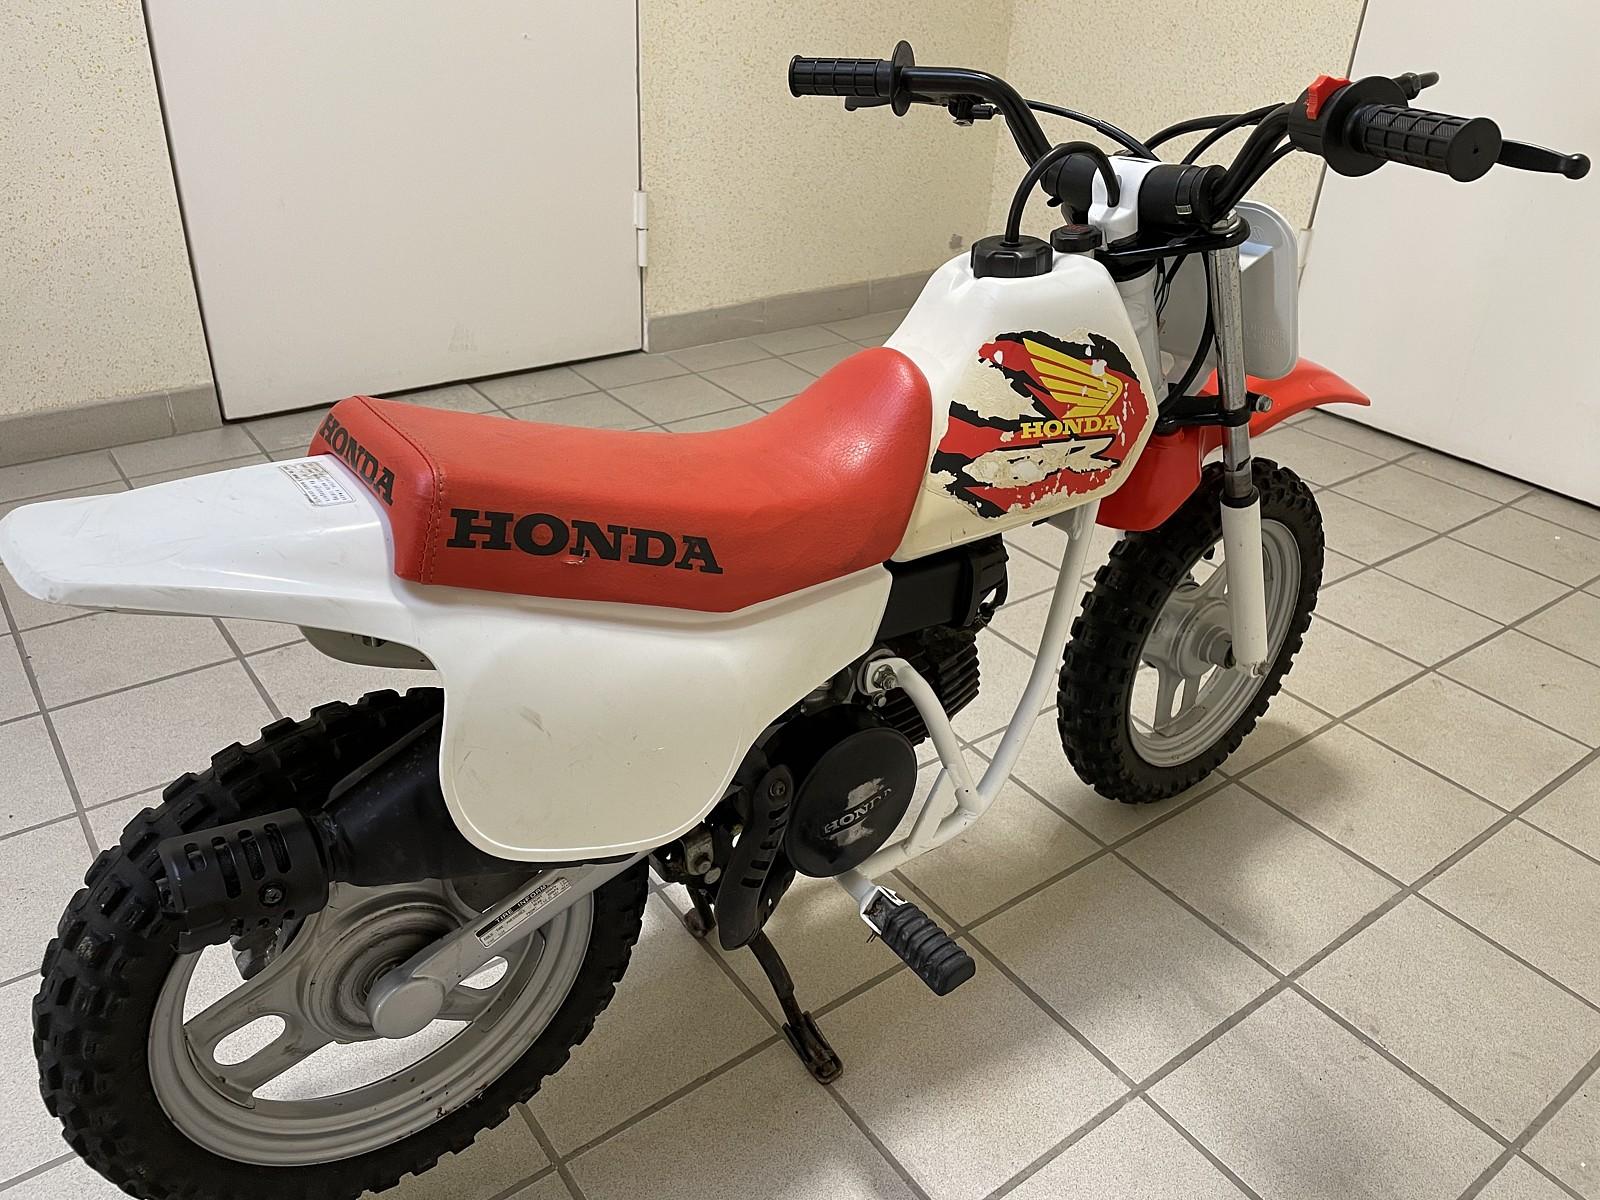 A679C168-CD65-4B5D-9BFF-DE346688703C - Godcho - Motocross Pictures - Vital MX